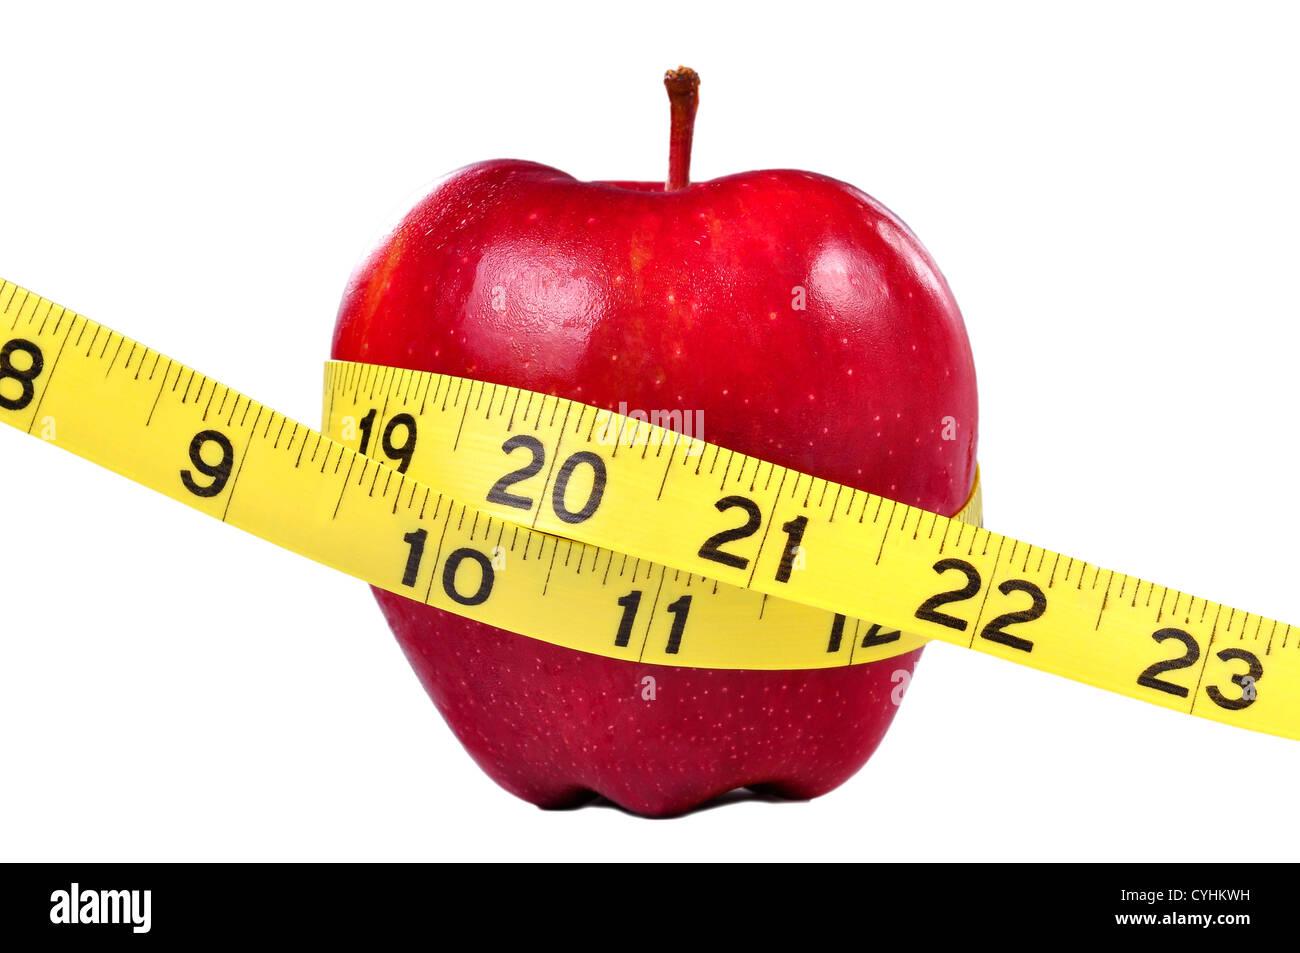 Pomme rouge et jaune ruban à mesurer pour symboliser un régime alimentaire sain et de contrôle de Photo Stock